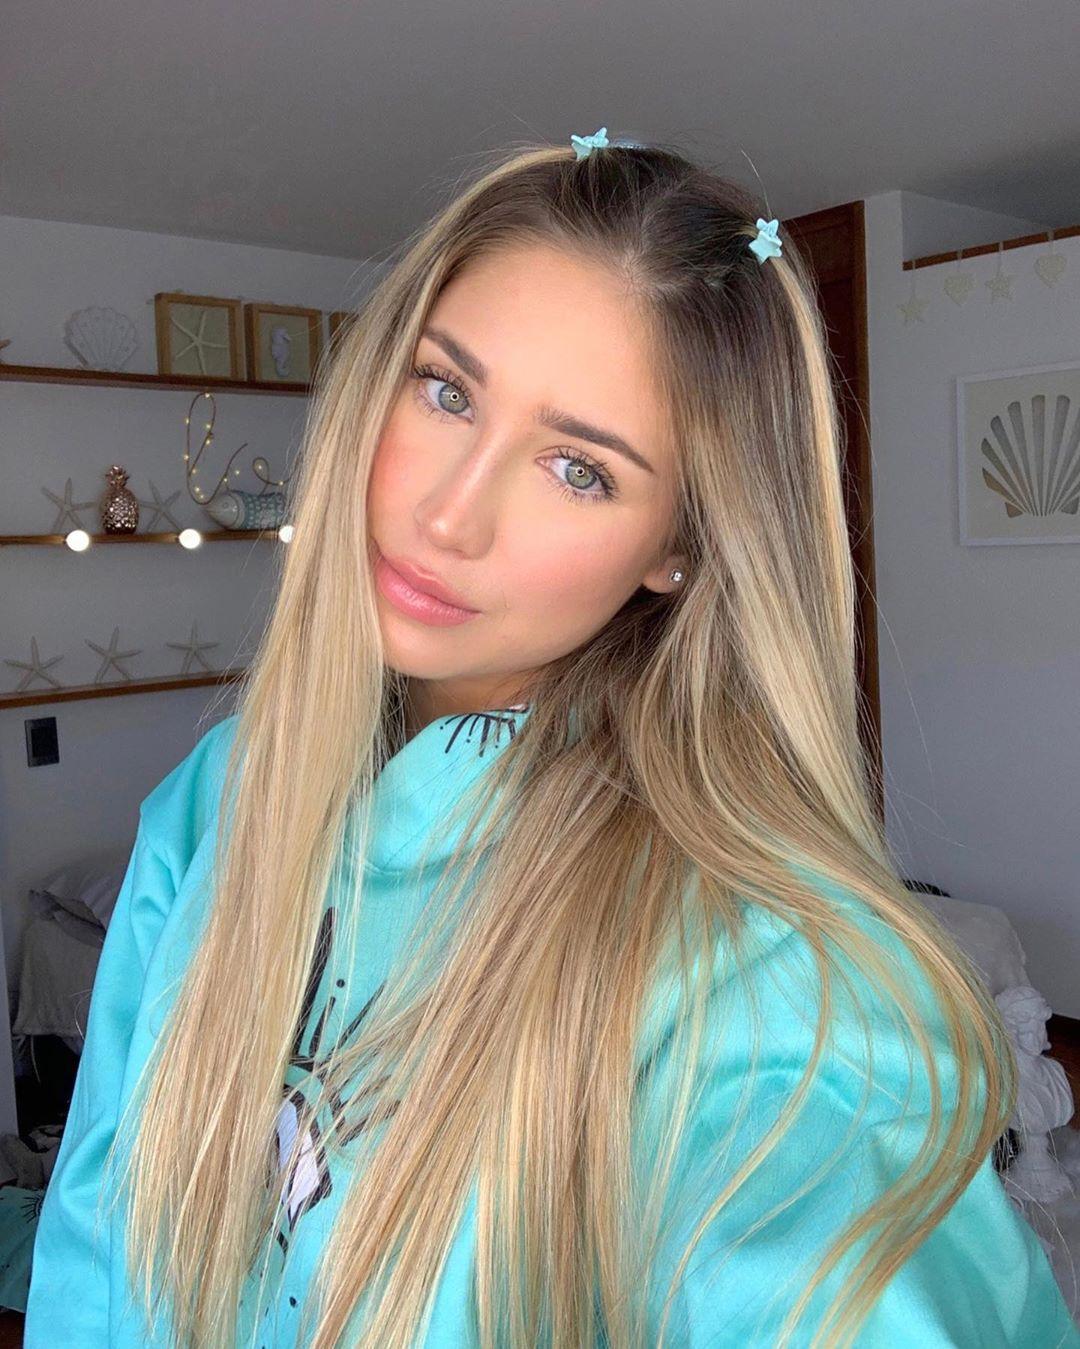 Valeria-Ortiz-Acevedo-Wallpapers-Insta-Fit-Bio-6